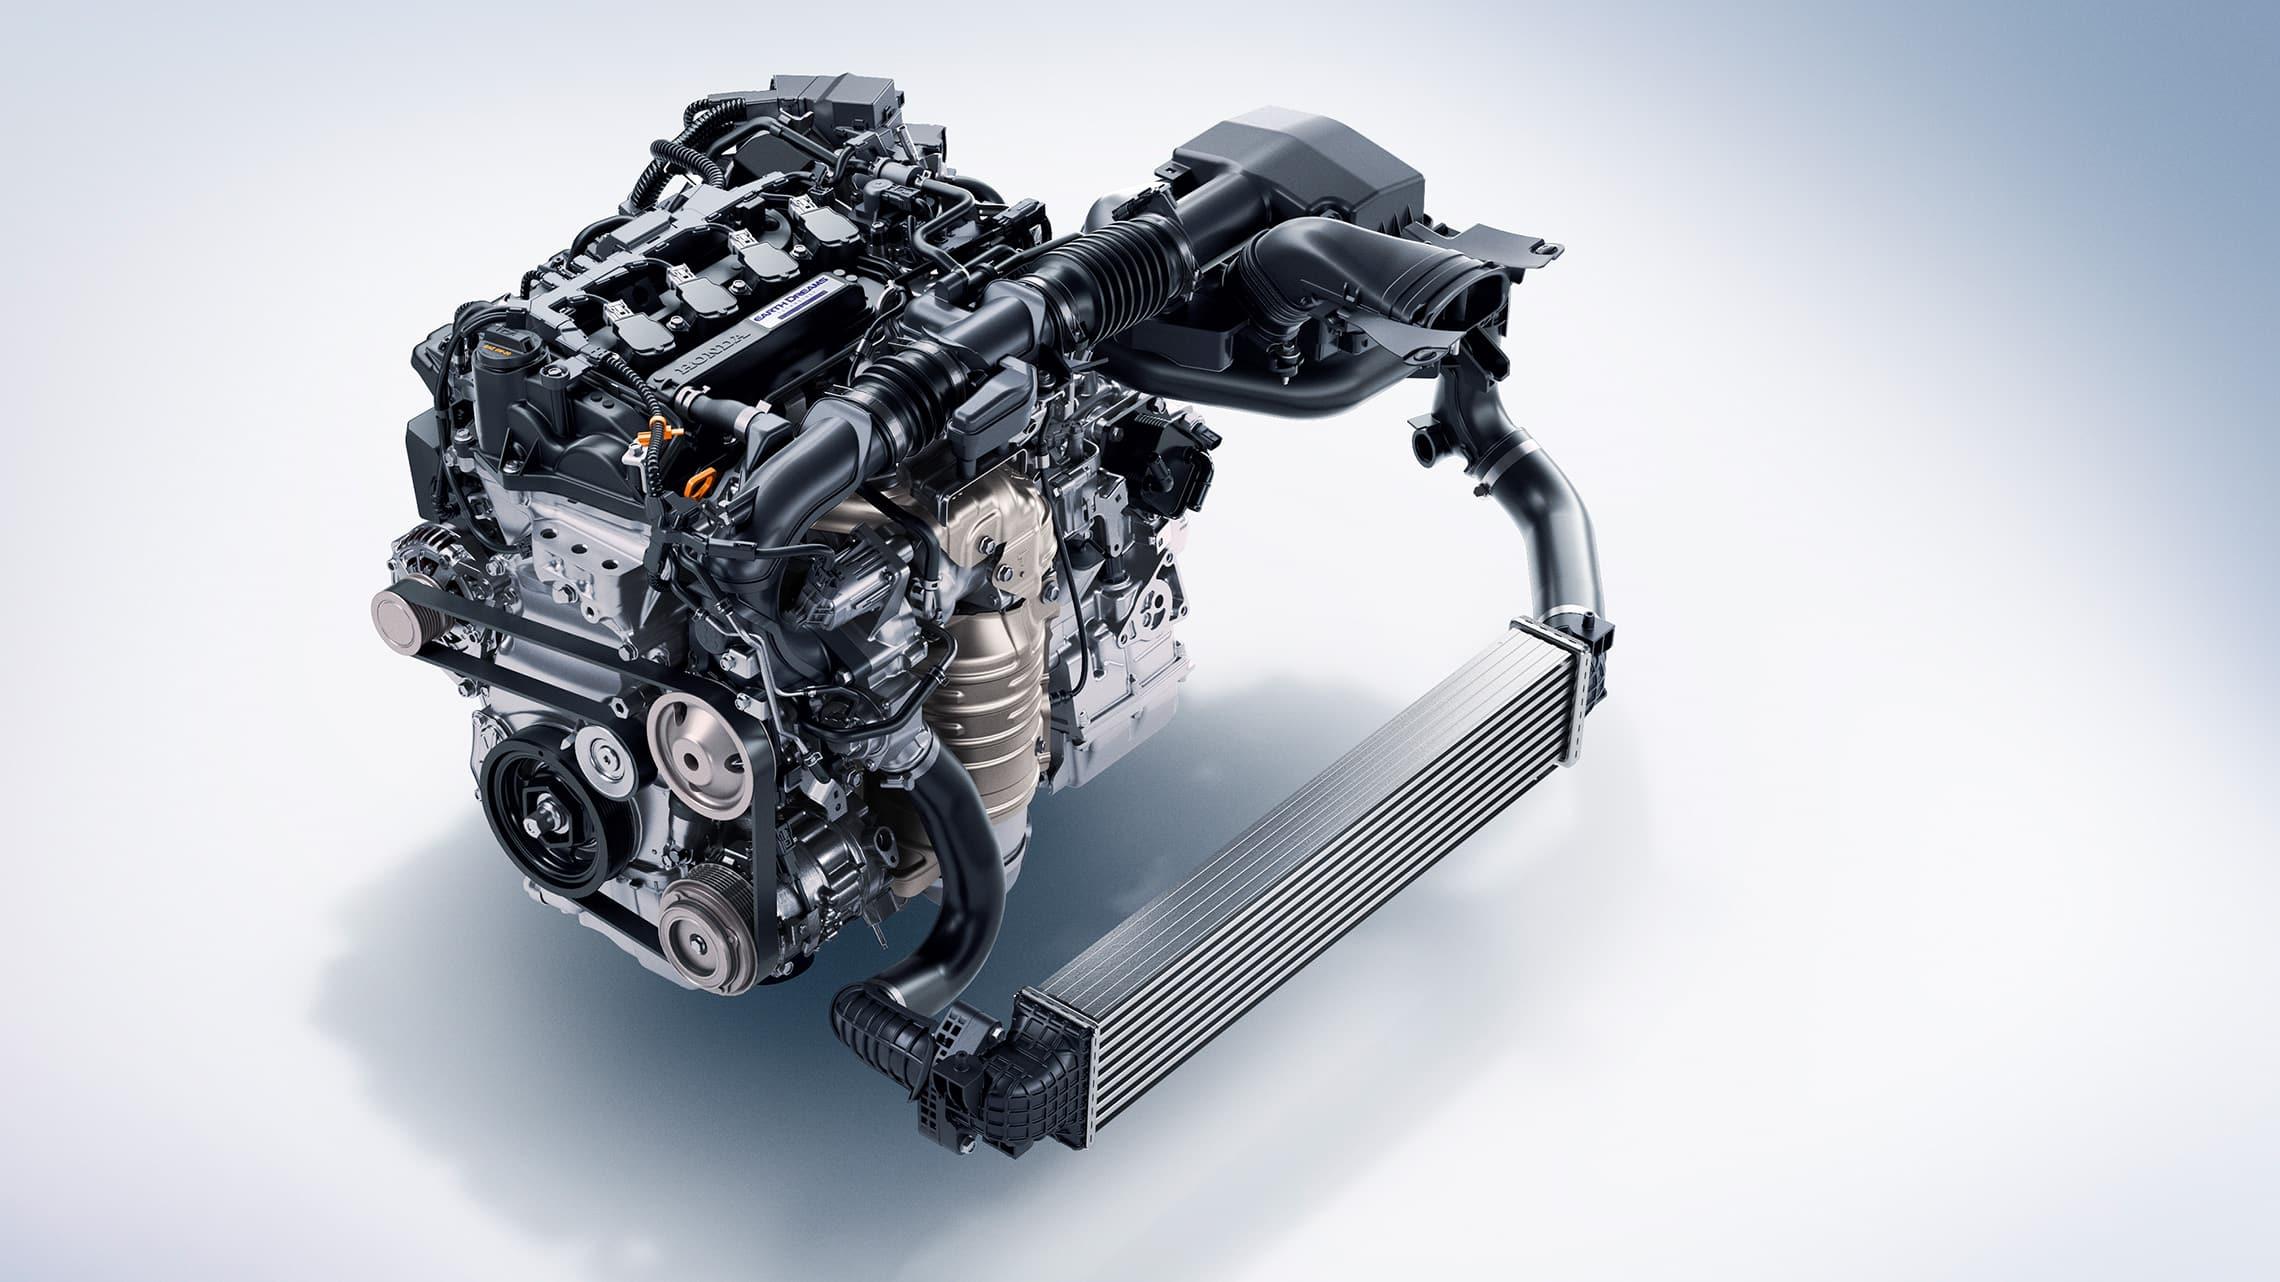 Detalle del motor turboalimentado de 1.5litros en el Honda Accord2021.